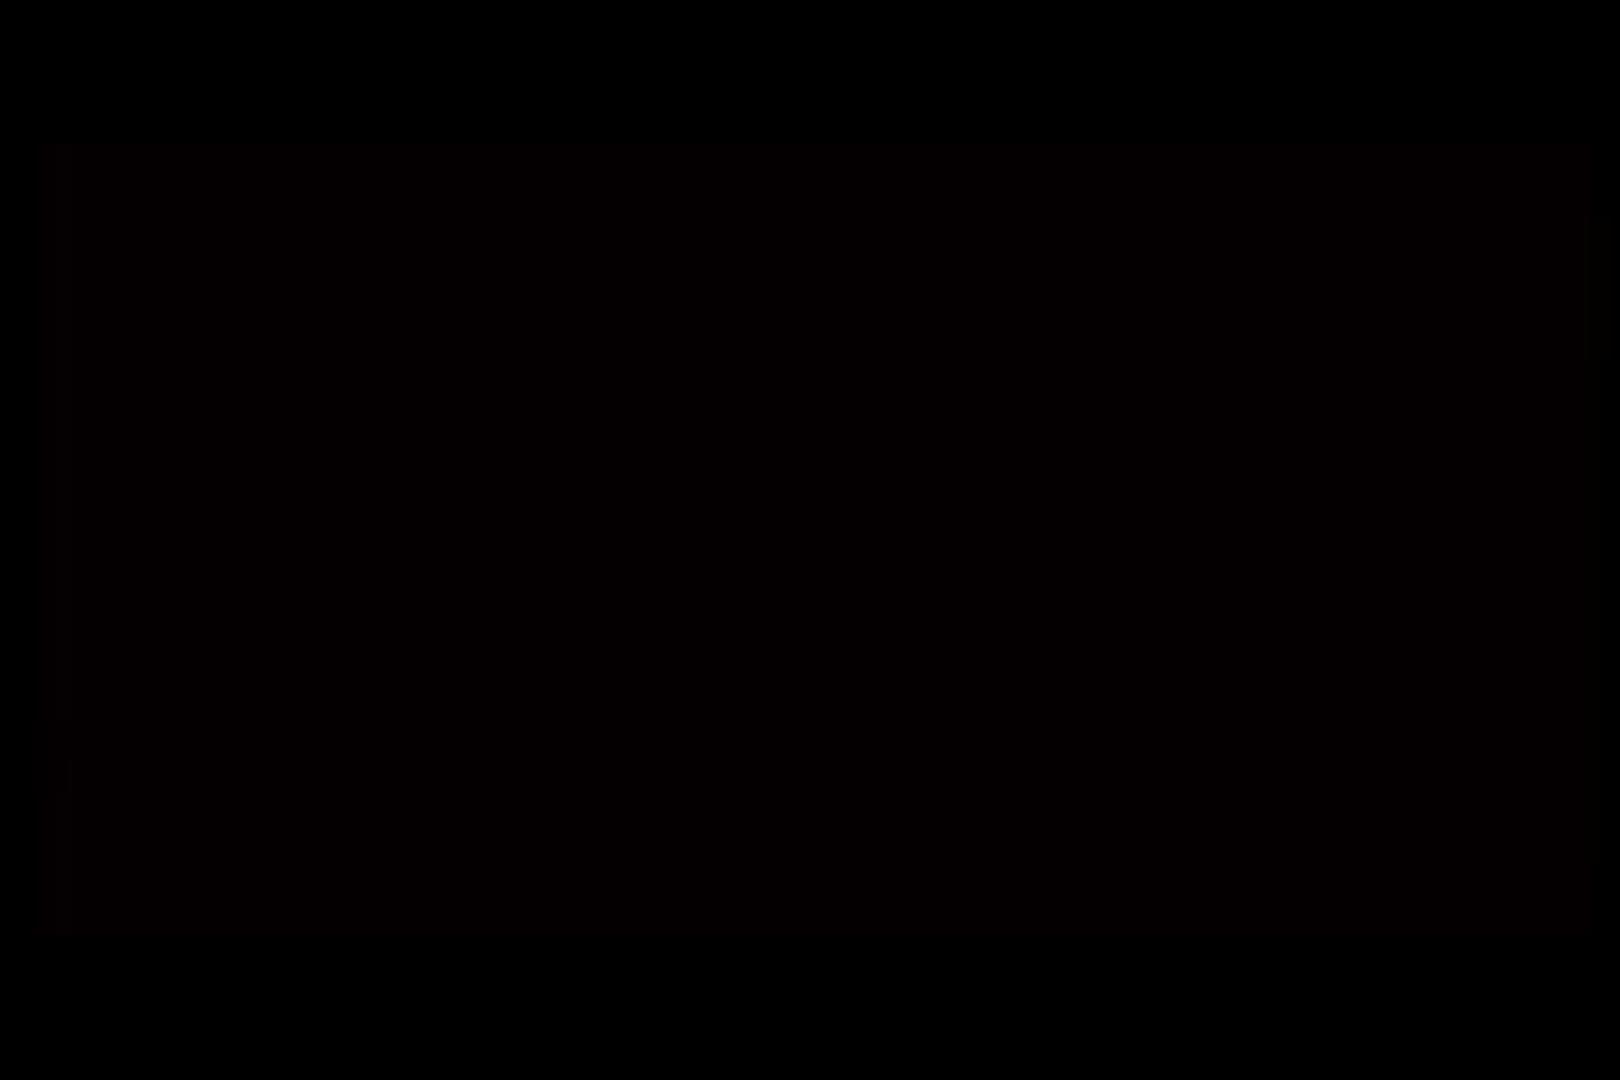 スジ筋ガチムチゴーグルマンvol2 オナニー ゲイアダルトビデオ画像 82枚 25